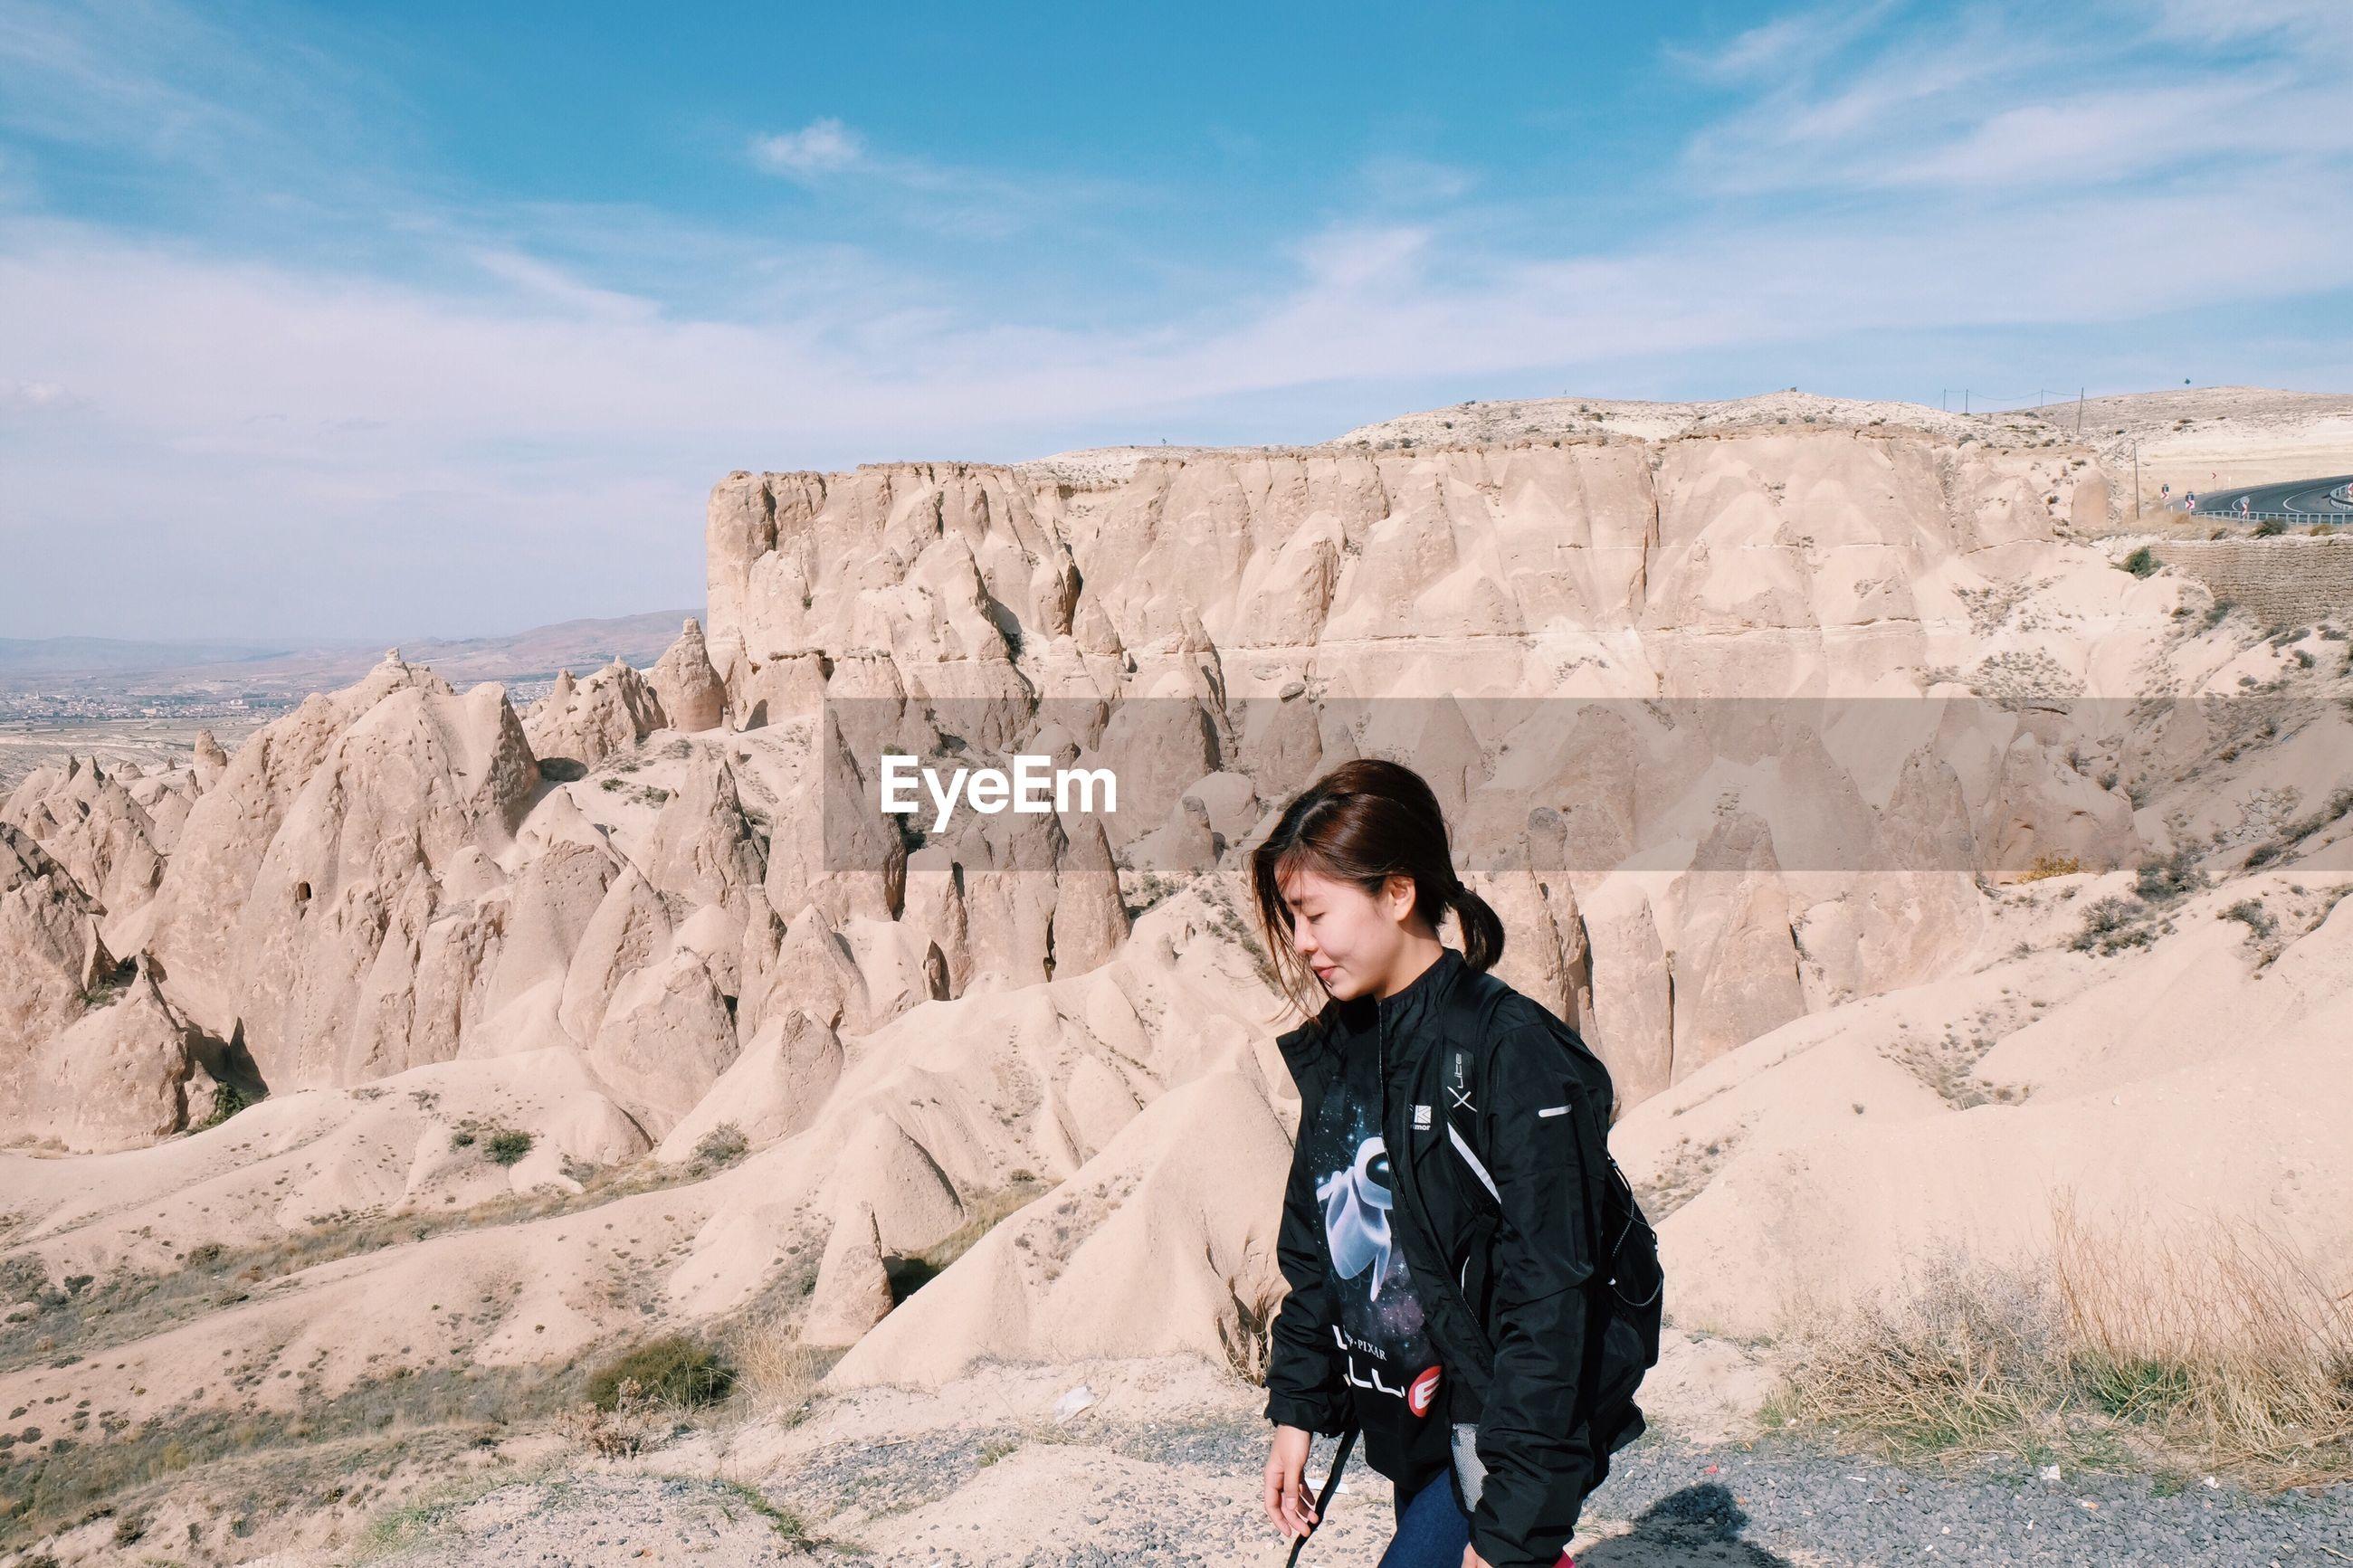 Woman walking against rock formation in desert